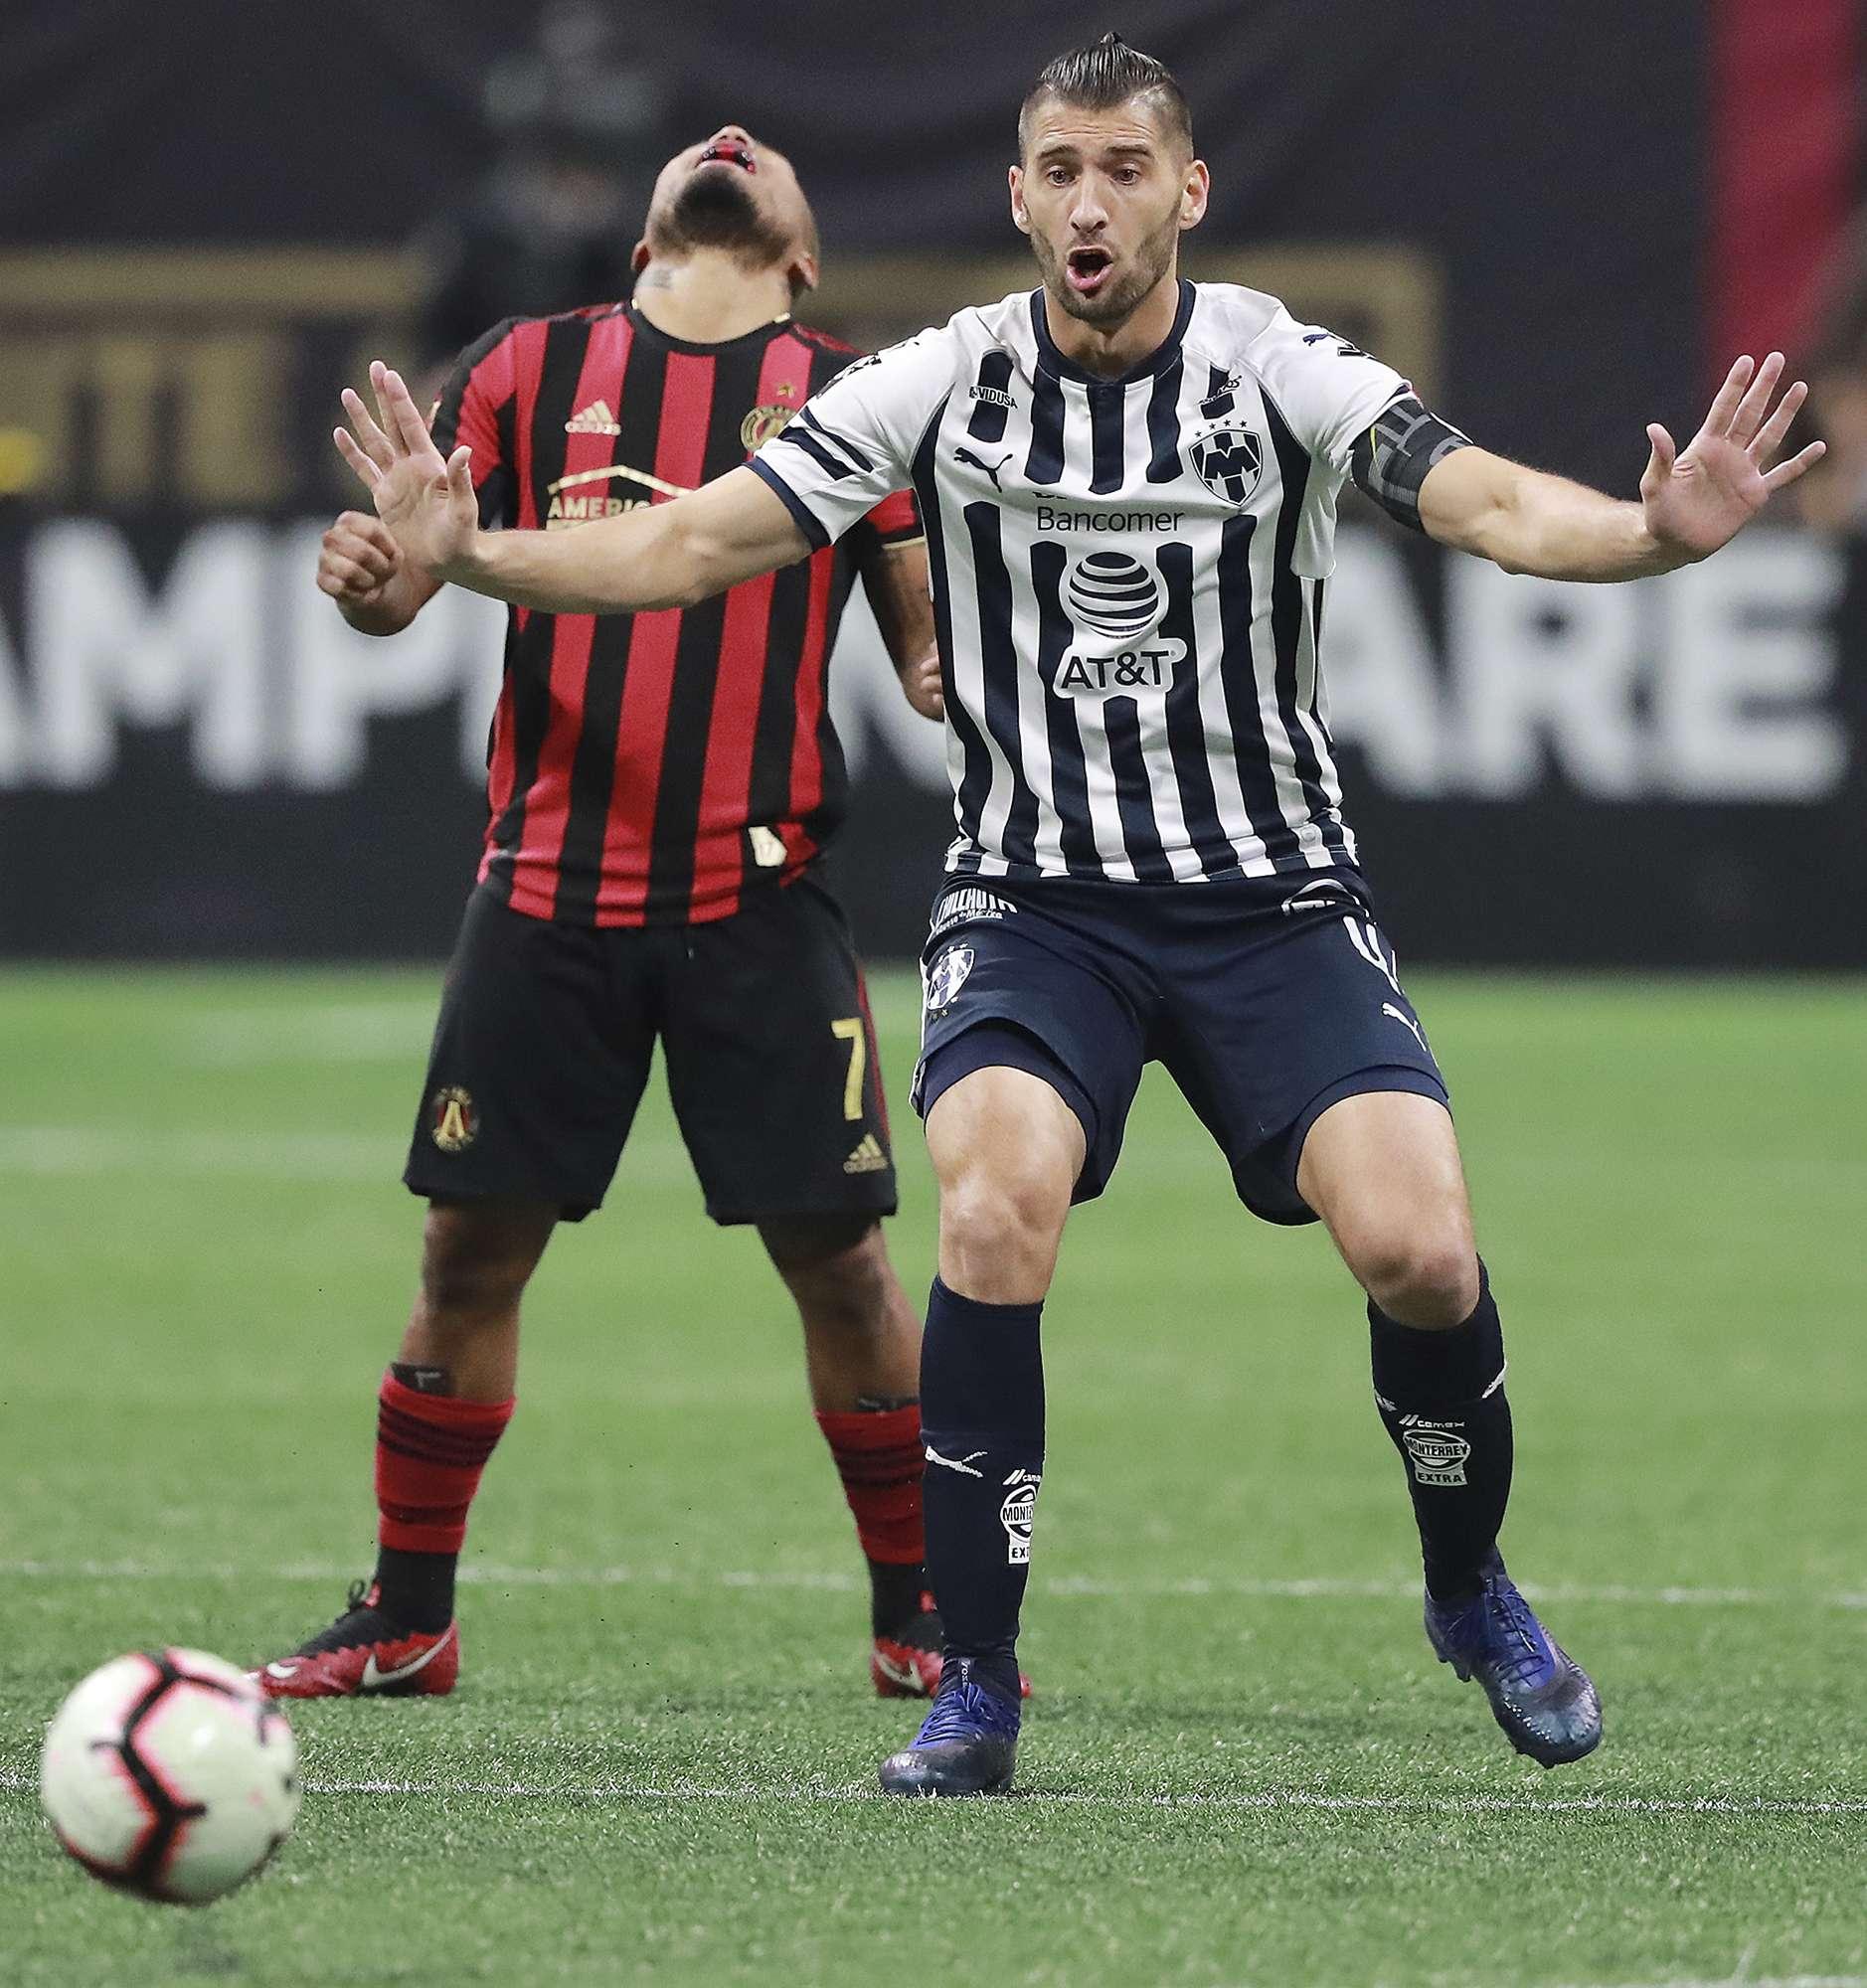 bc24d1bc8 Monterrey pierde pero avanza a semis en CONCACAF